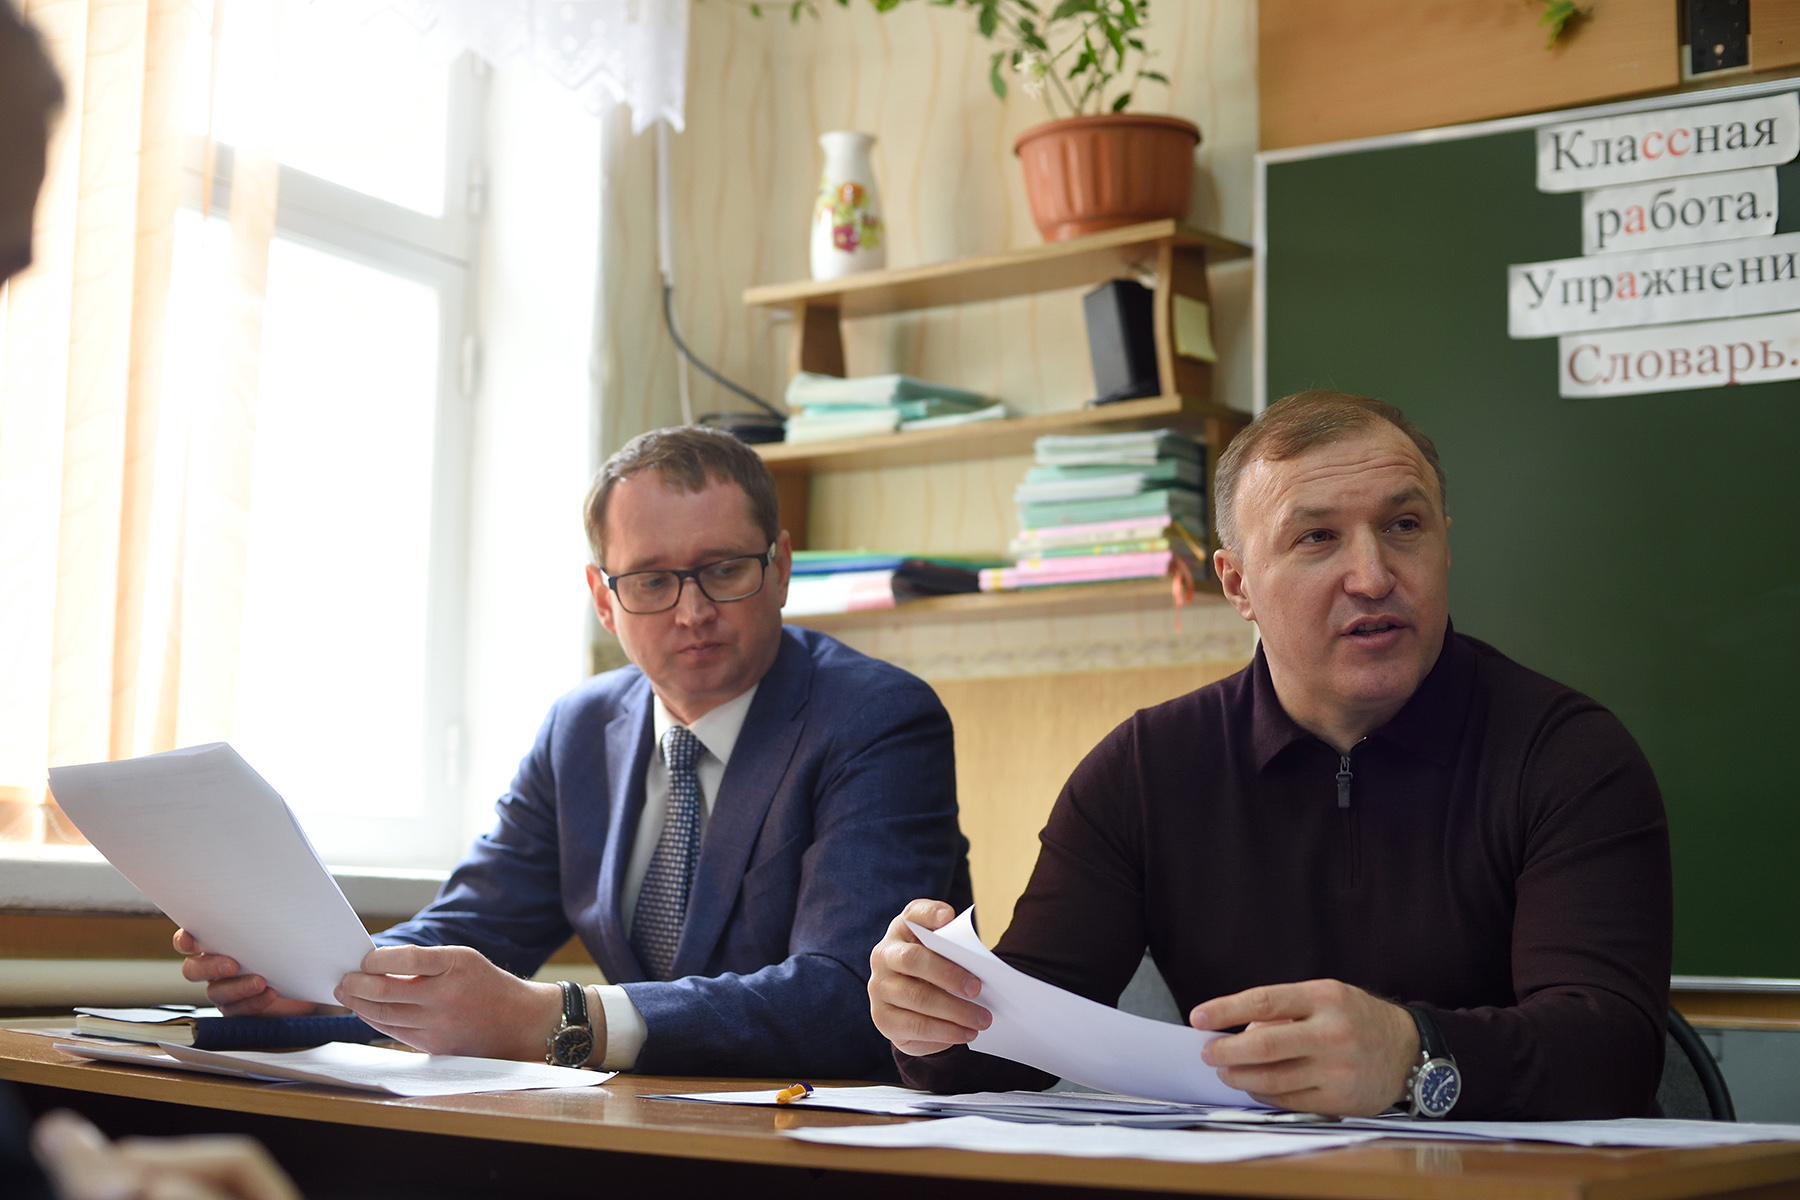 Глава Адыгеи проверил исполнение поручений по обращениям на прямую линию жителей поселка Табачный